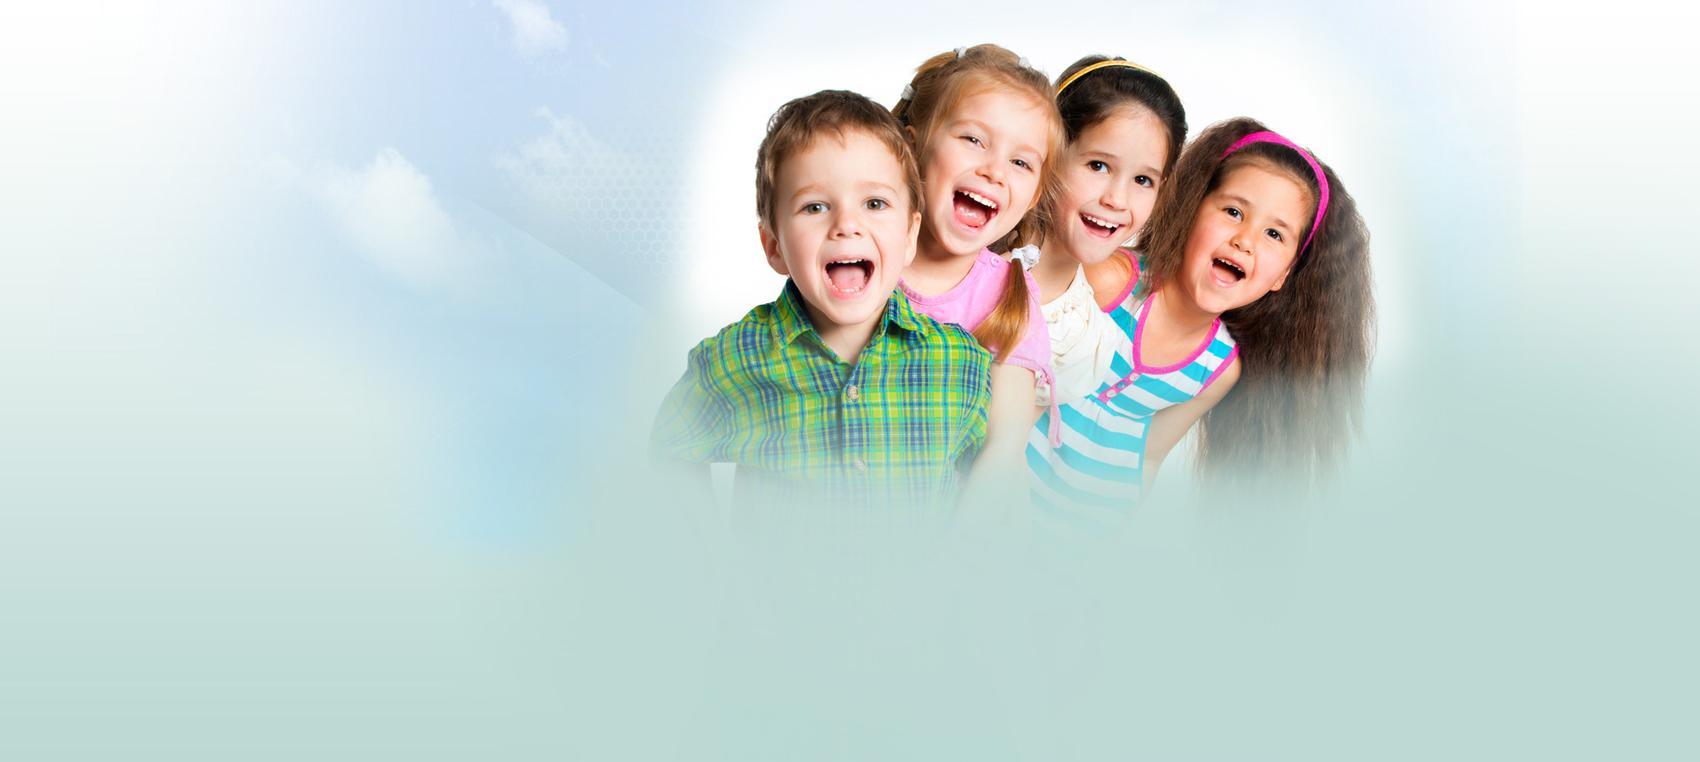 kids smiling Dental Care Center